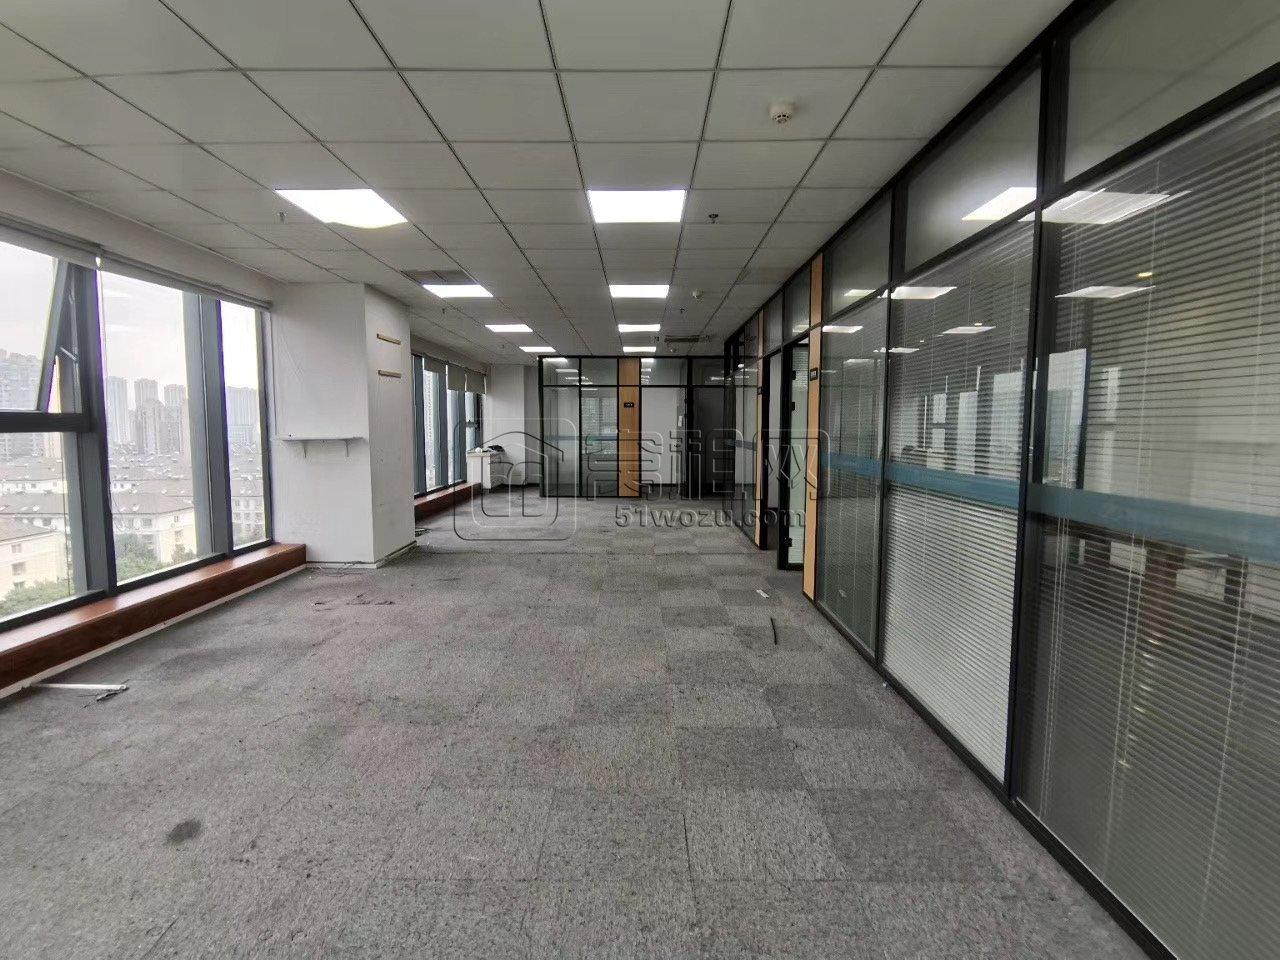 雷孟德旅游大厦10楼 209平米双面采光办公室精装修出租